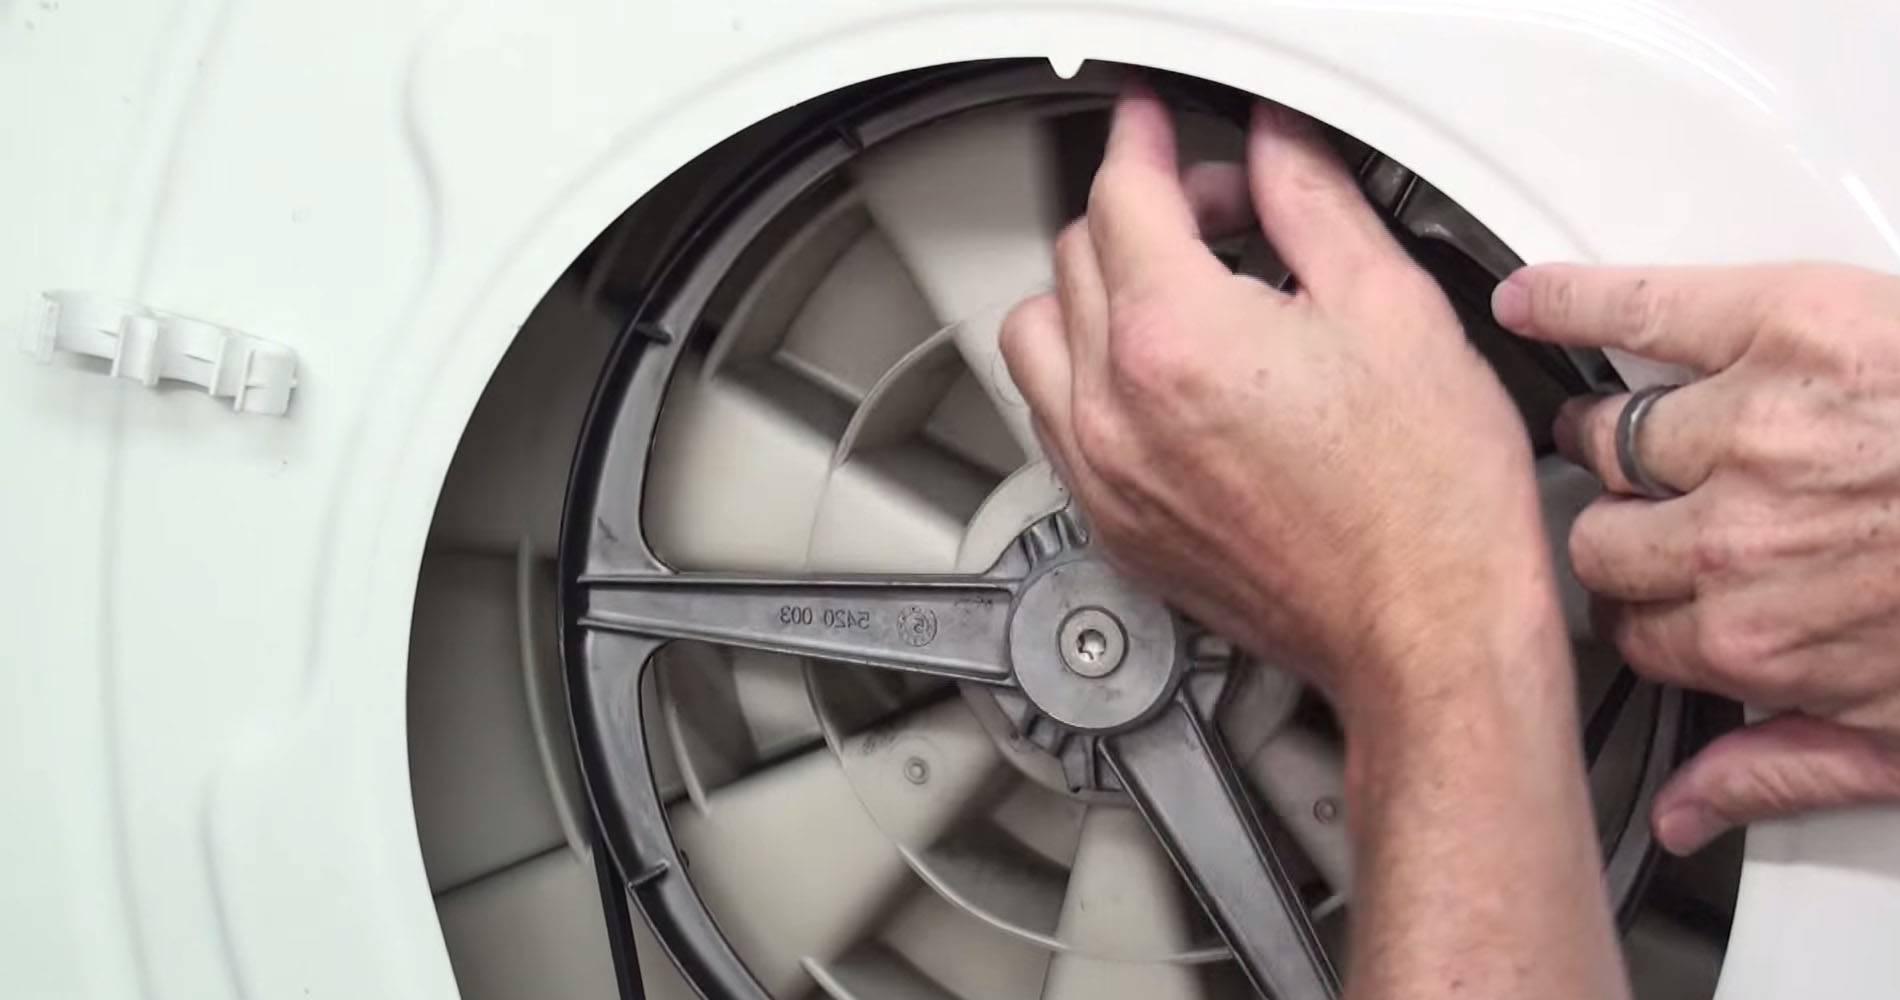 Как одеть (натянуть) ремень на стиральную машину — видеоинструкция